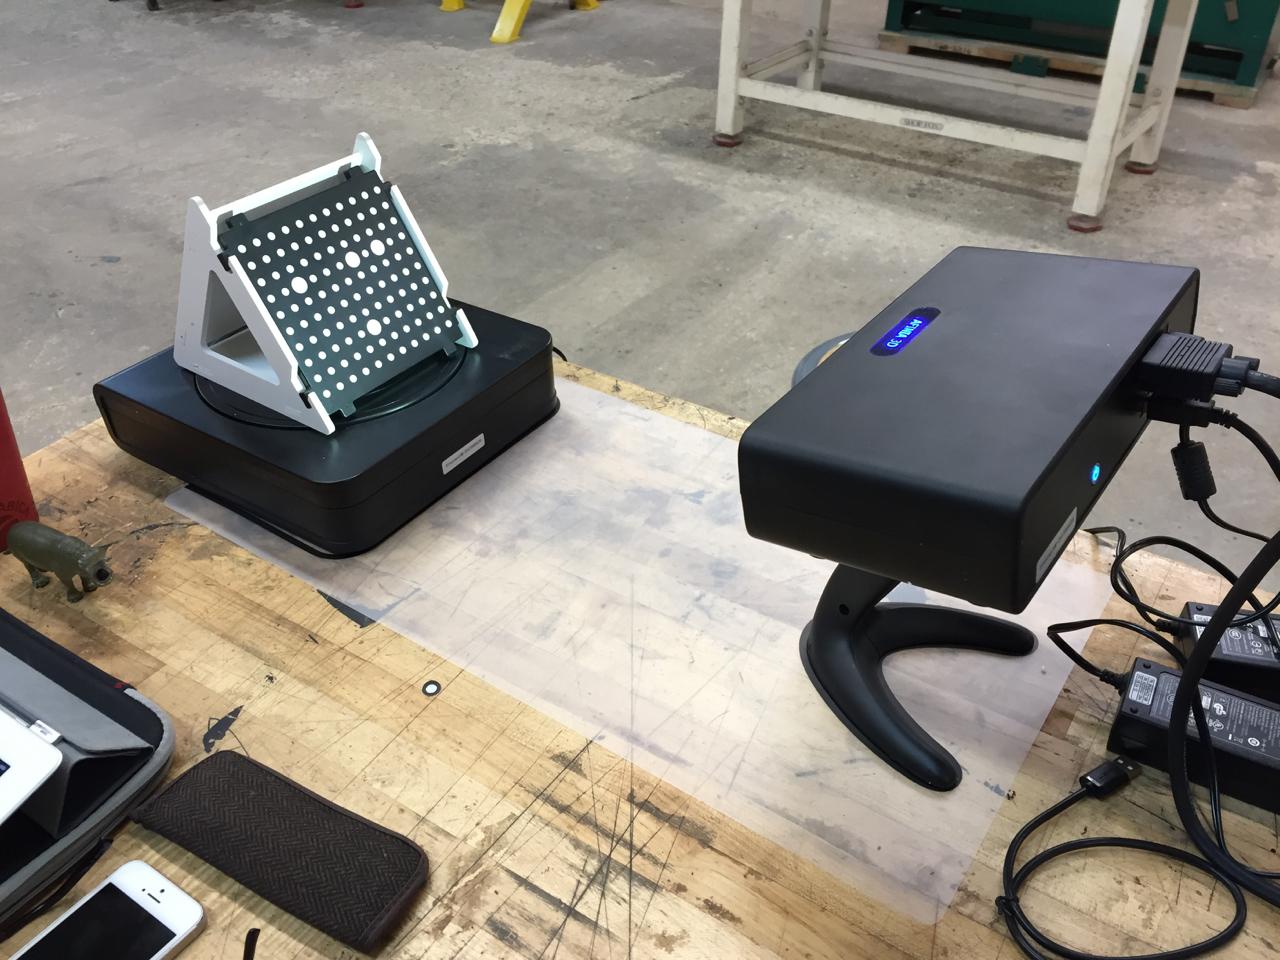 Hands On With Afinia's ES360 Desktop 3D Scanner